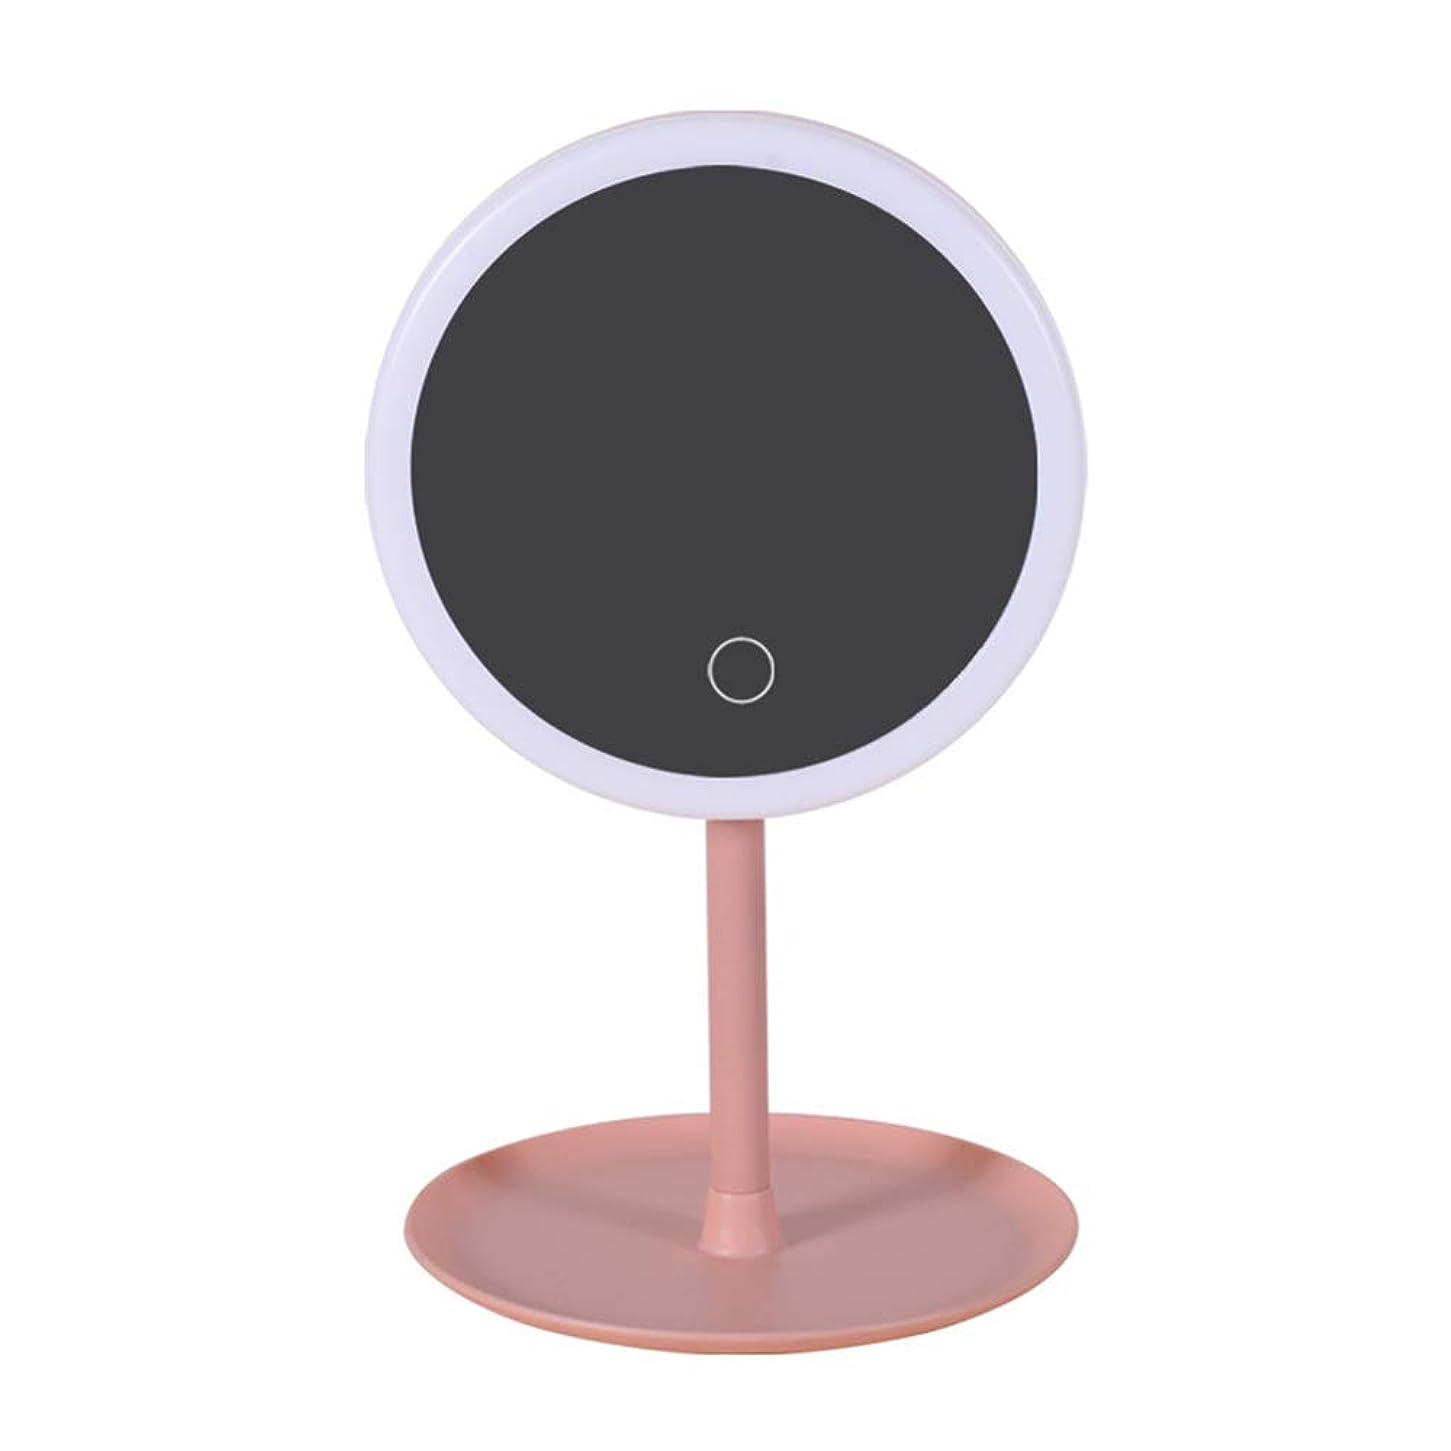 シートマーキングストッキングUSB充電式タッチメイクアップミラー、LEDライトリムーバブル折りたたみ式デスクトップデスクトップメイクアップミラー(ピンク),ピンク,monochrome